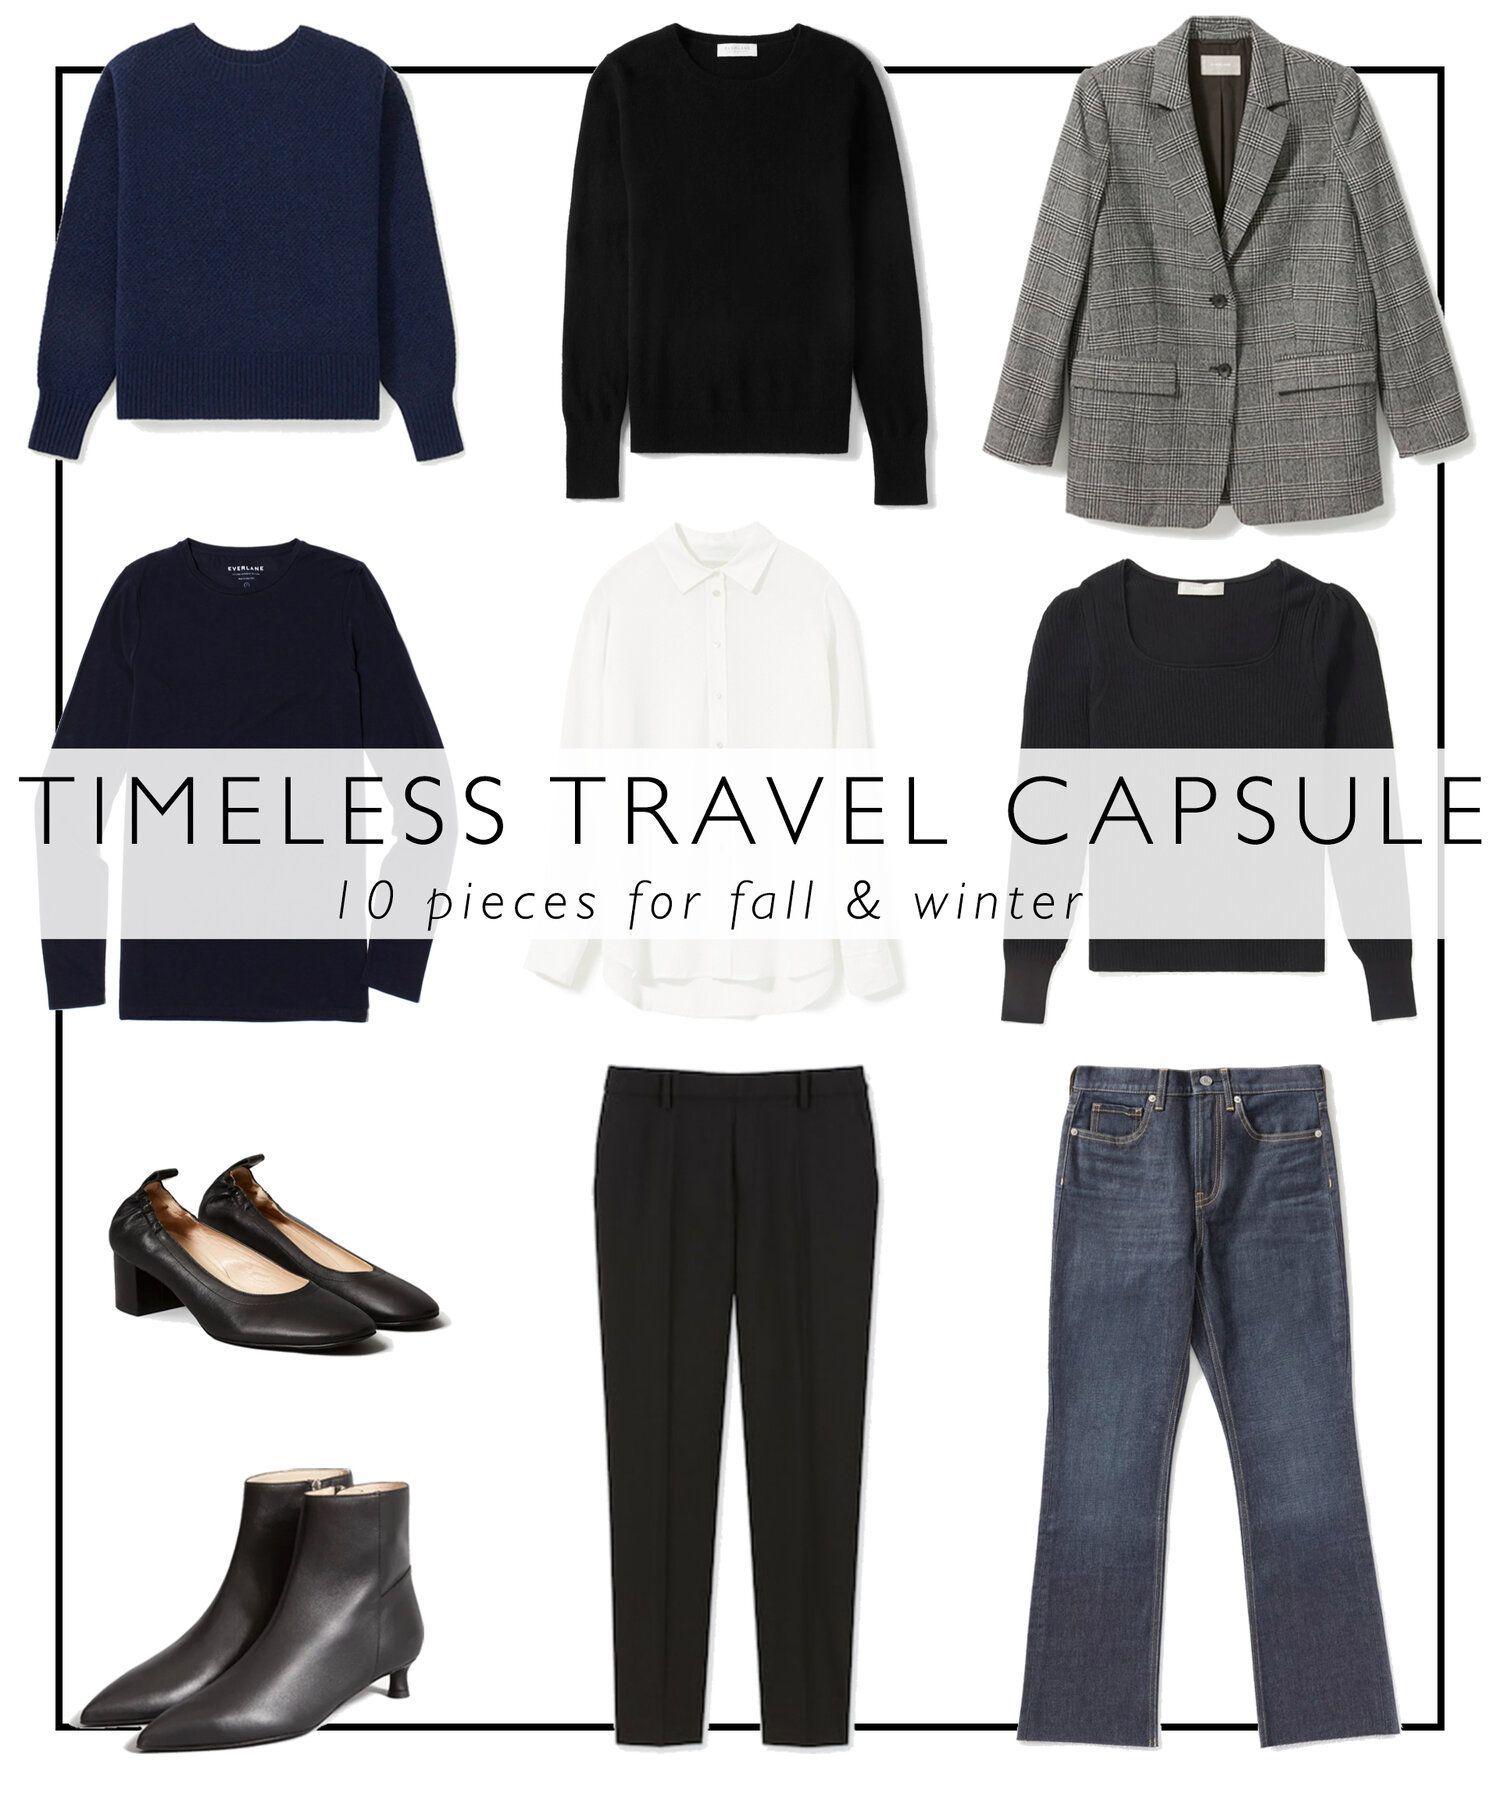 Blog — AUDREY A LA MODE Capsule Wardrobe Summer 2016 #travelwardrobesummer #travelwardrobesummer